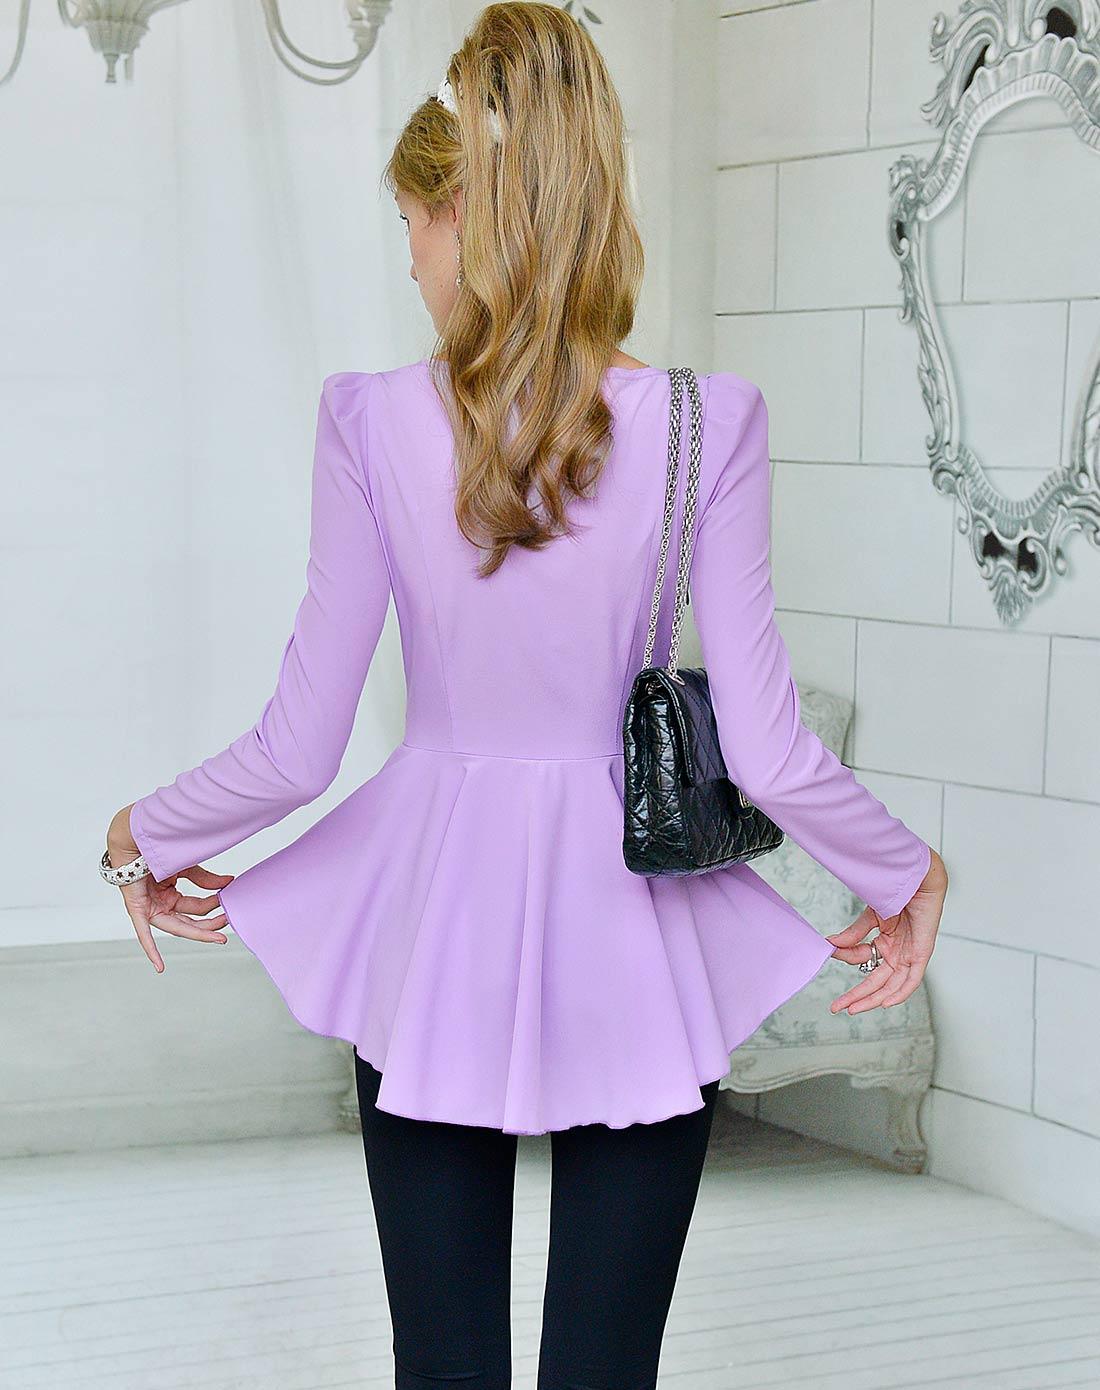 浅紫色镶黑蕾丝蝴蝶结腰带不规则下摆修身衬衫